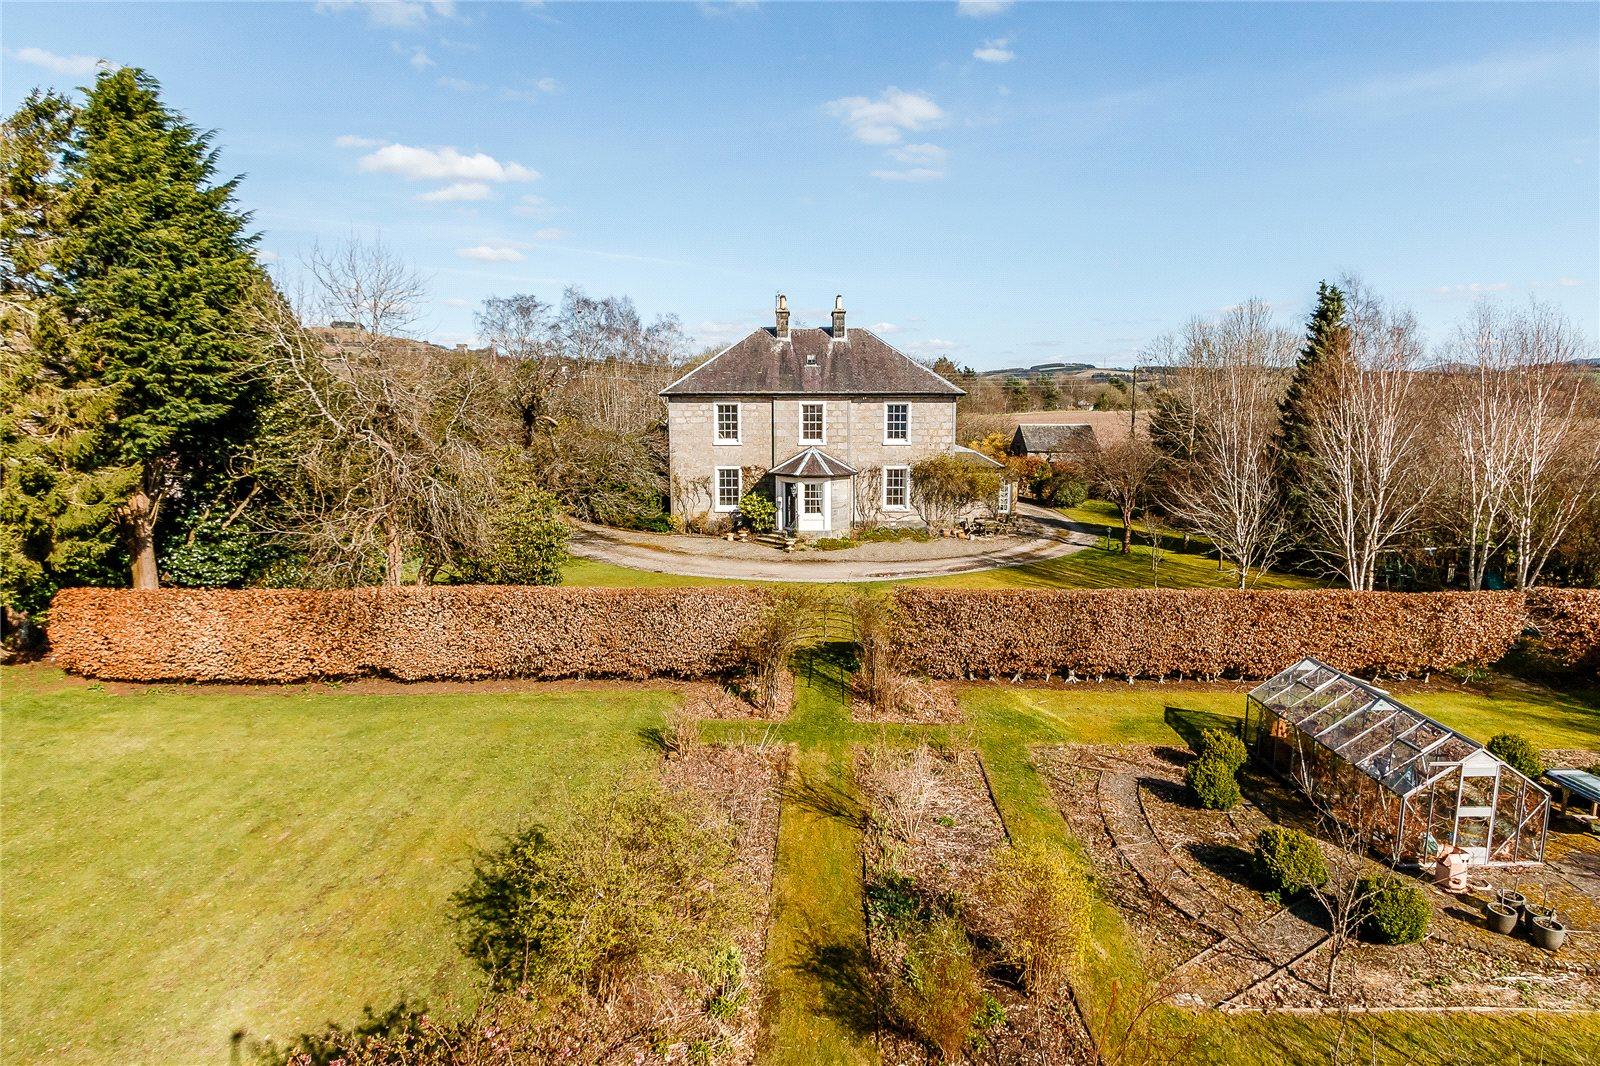 Частный дом для того Продажа на Devon Road, Dollar, Clackmannanshire, FK14 Clackmannanshire, Scotland